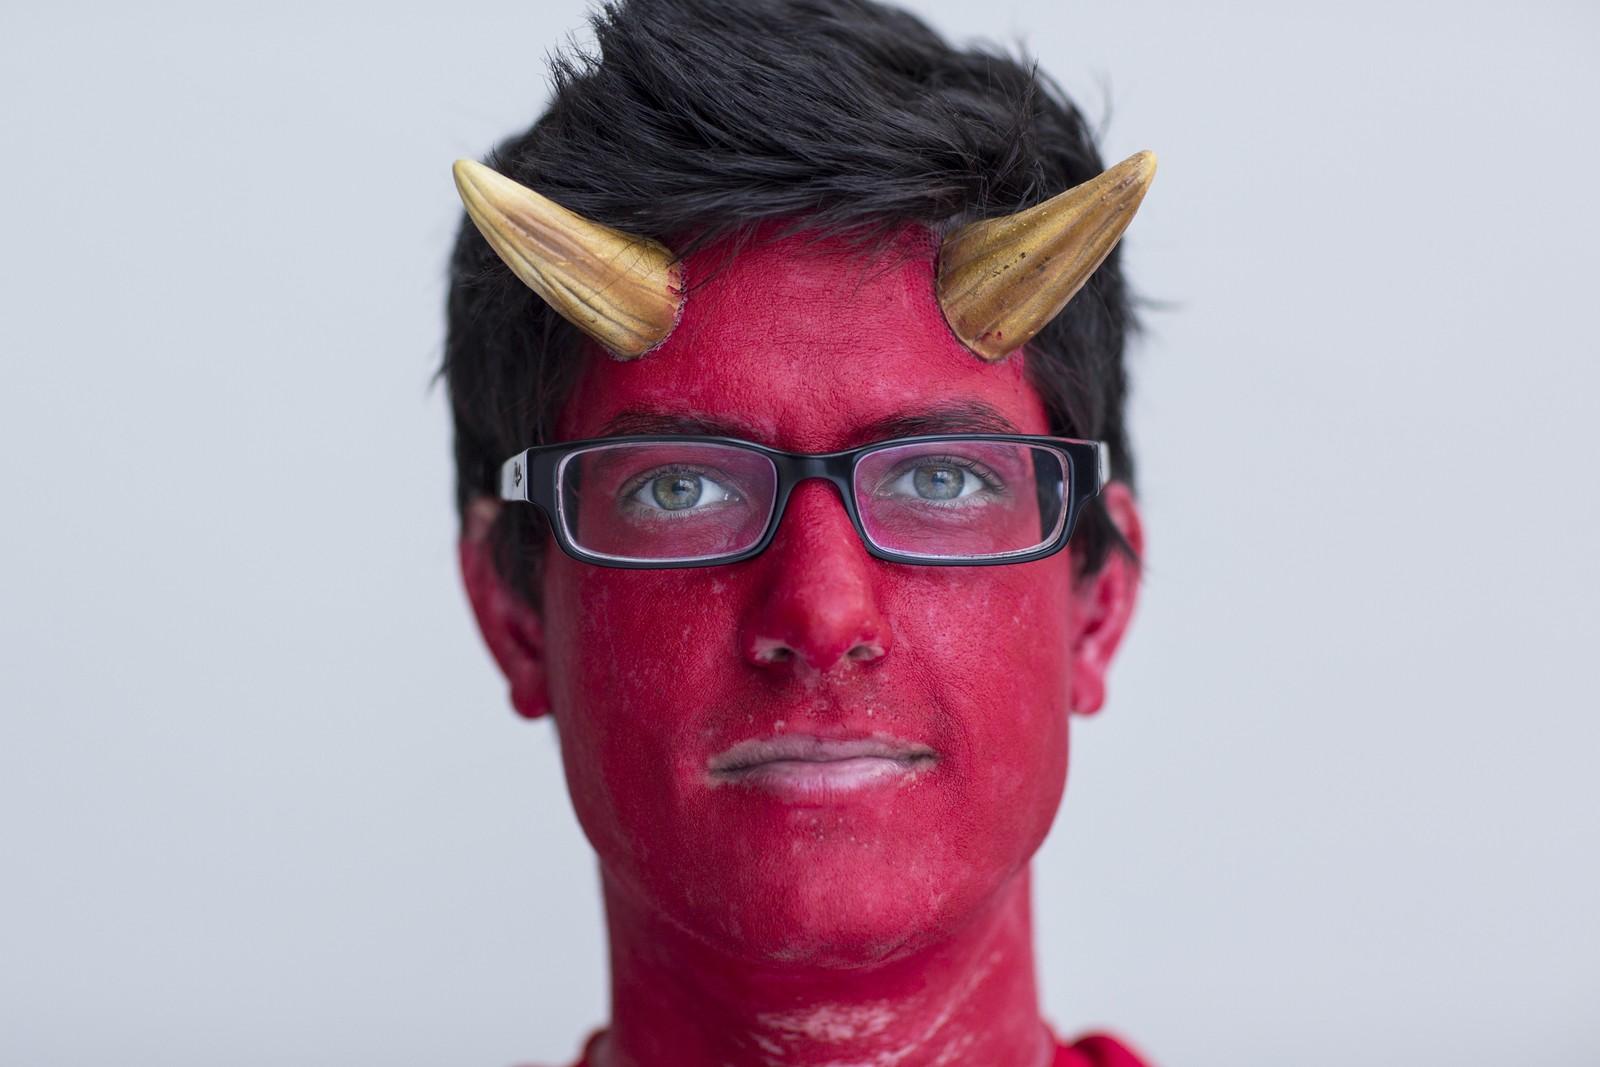 Dennis Mooney stilte opp på tegneseriemessa Comic Con i New York utkledd som en djevel.